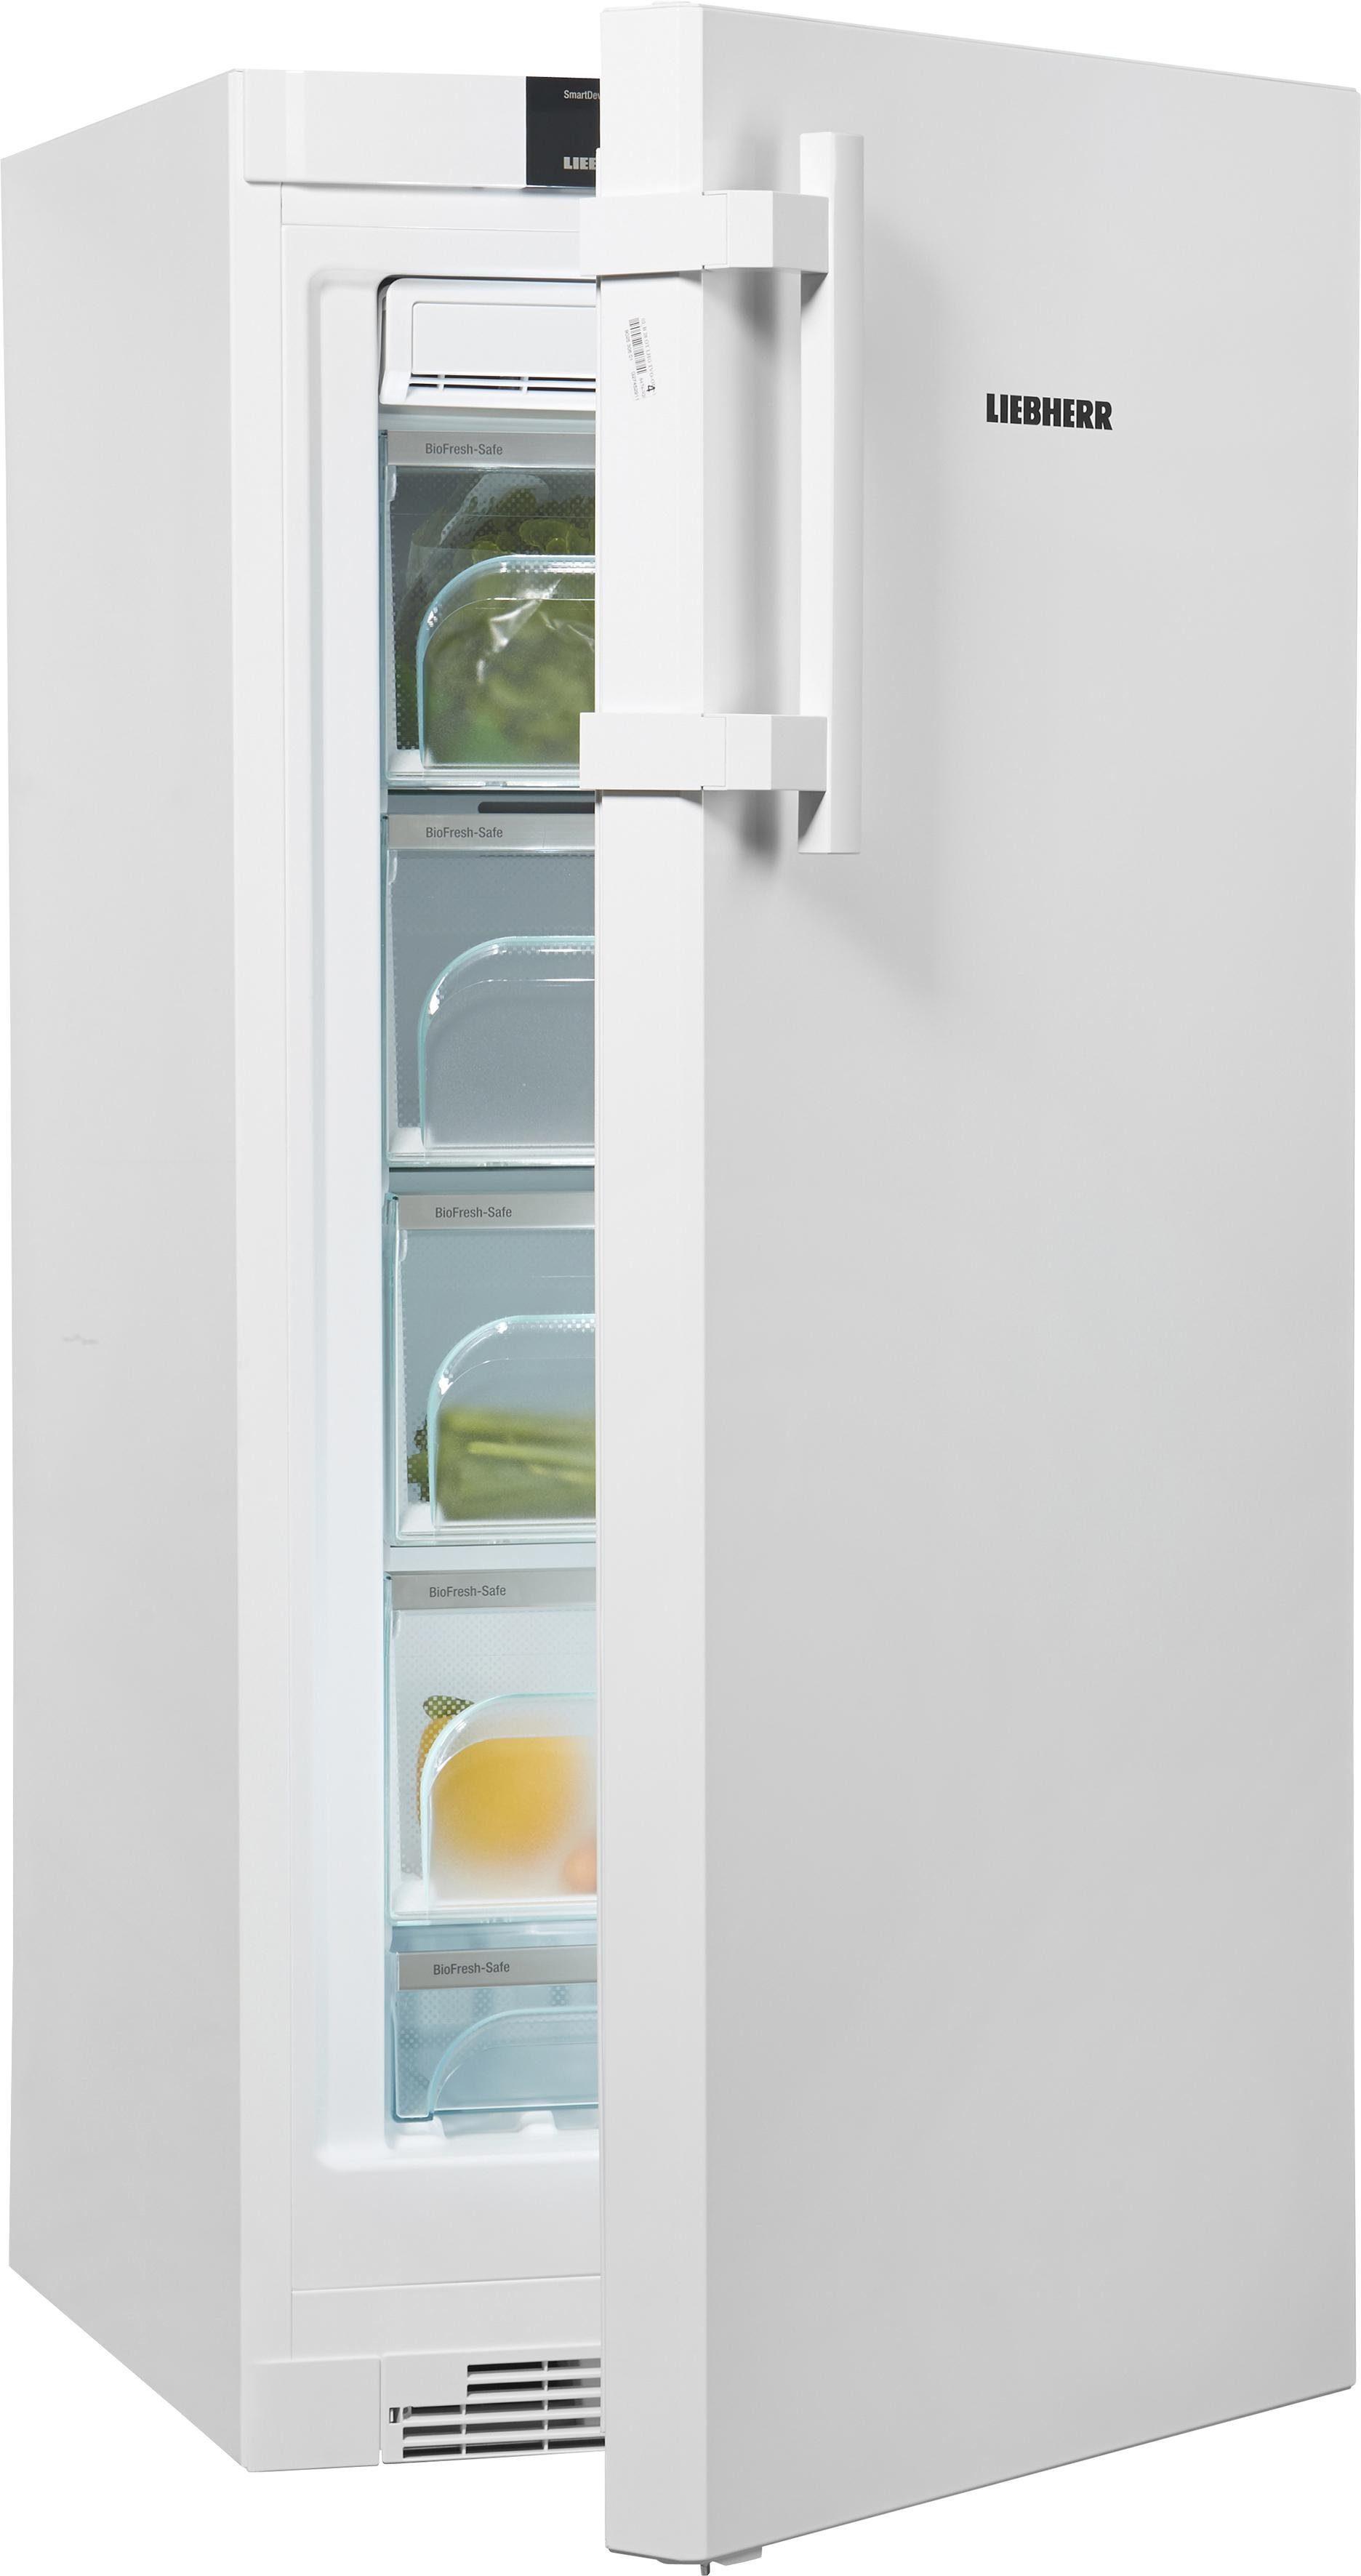 Liebherr Vollraum-Biofresh-Kühlschrank B 2850-20, A+++, 125 cm hoch